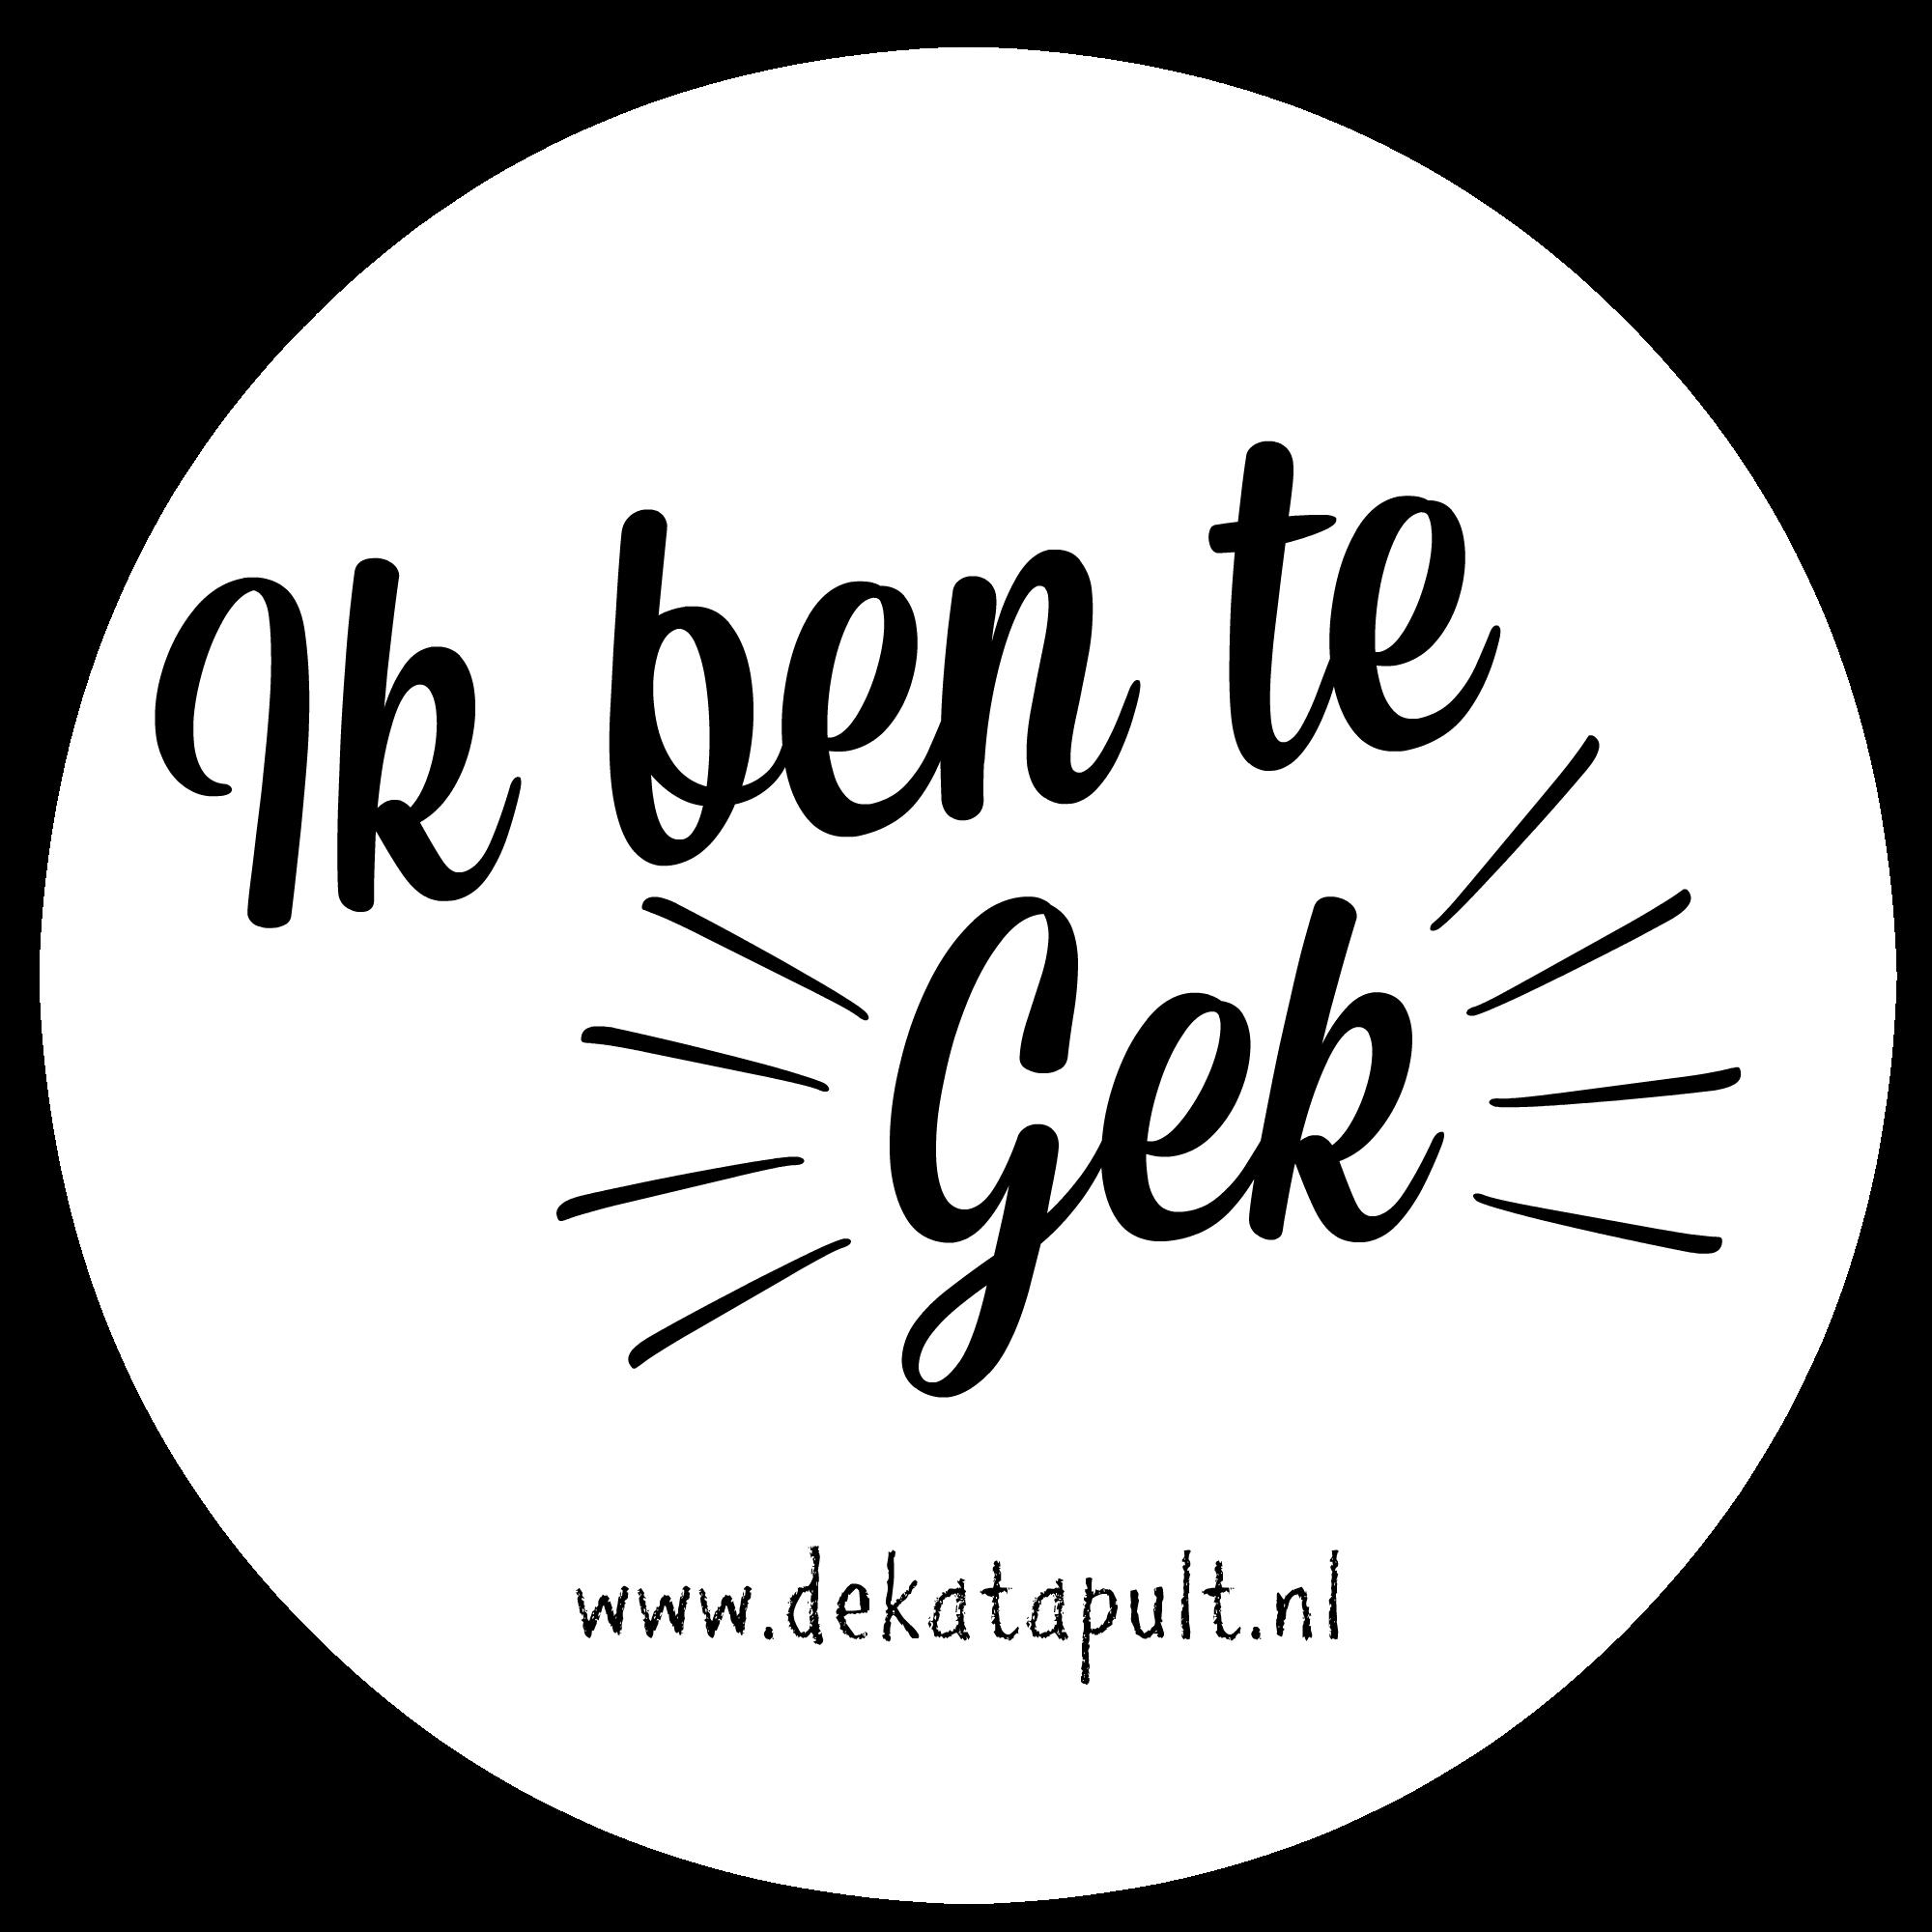 Sticker Te Gek